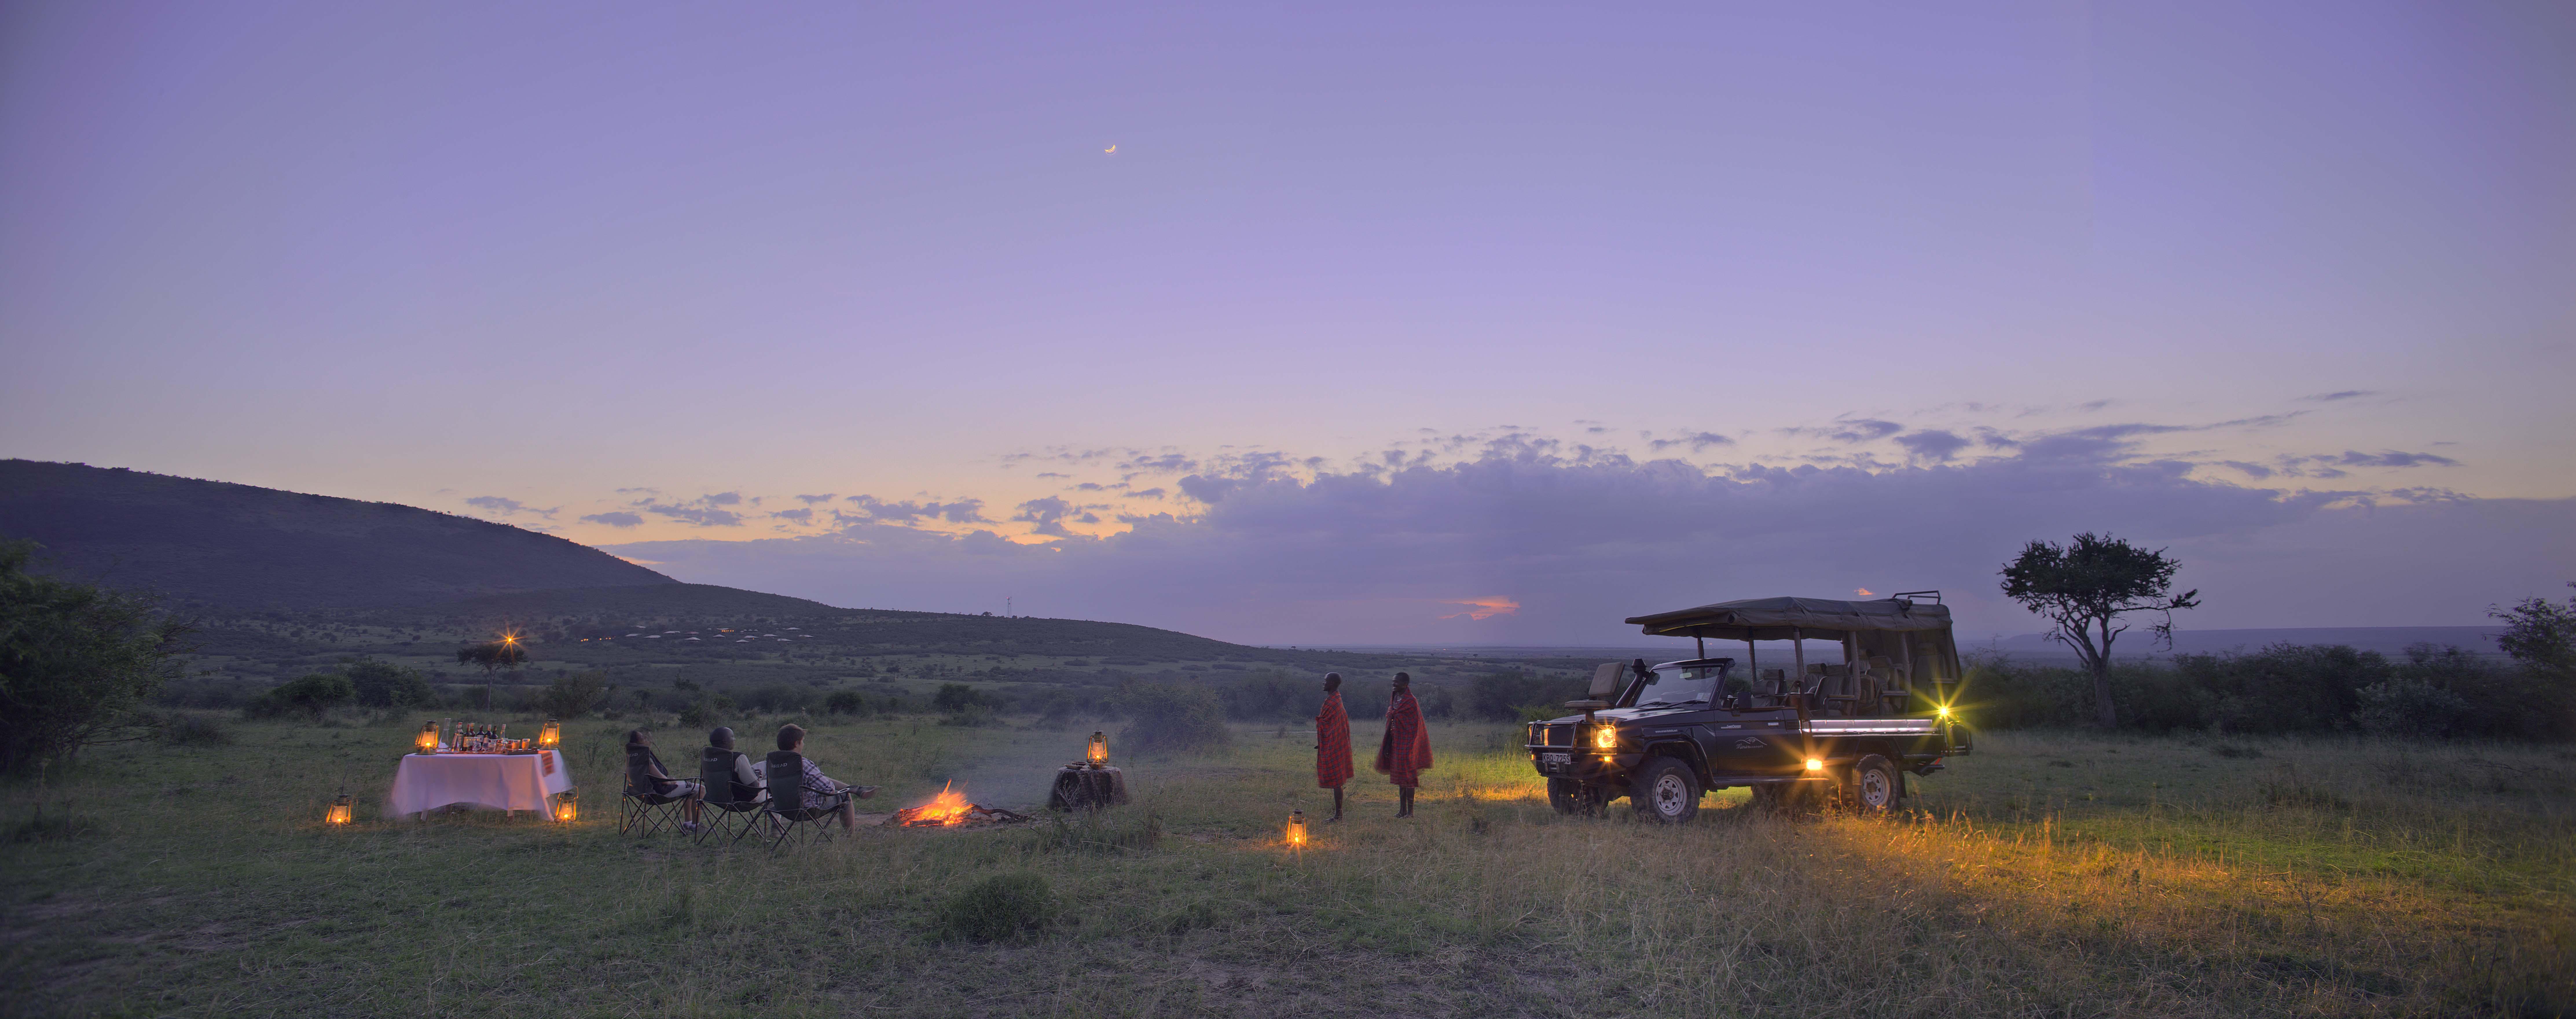 Sundowners by the fire - Photo courtesy of Mara Bushtops